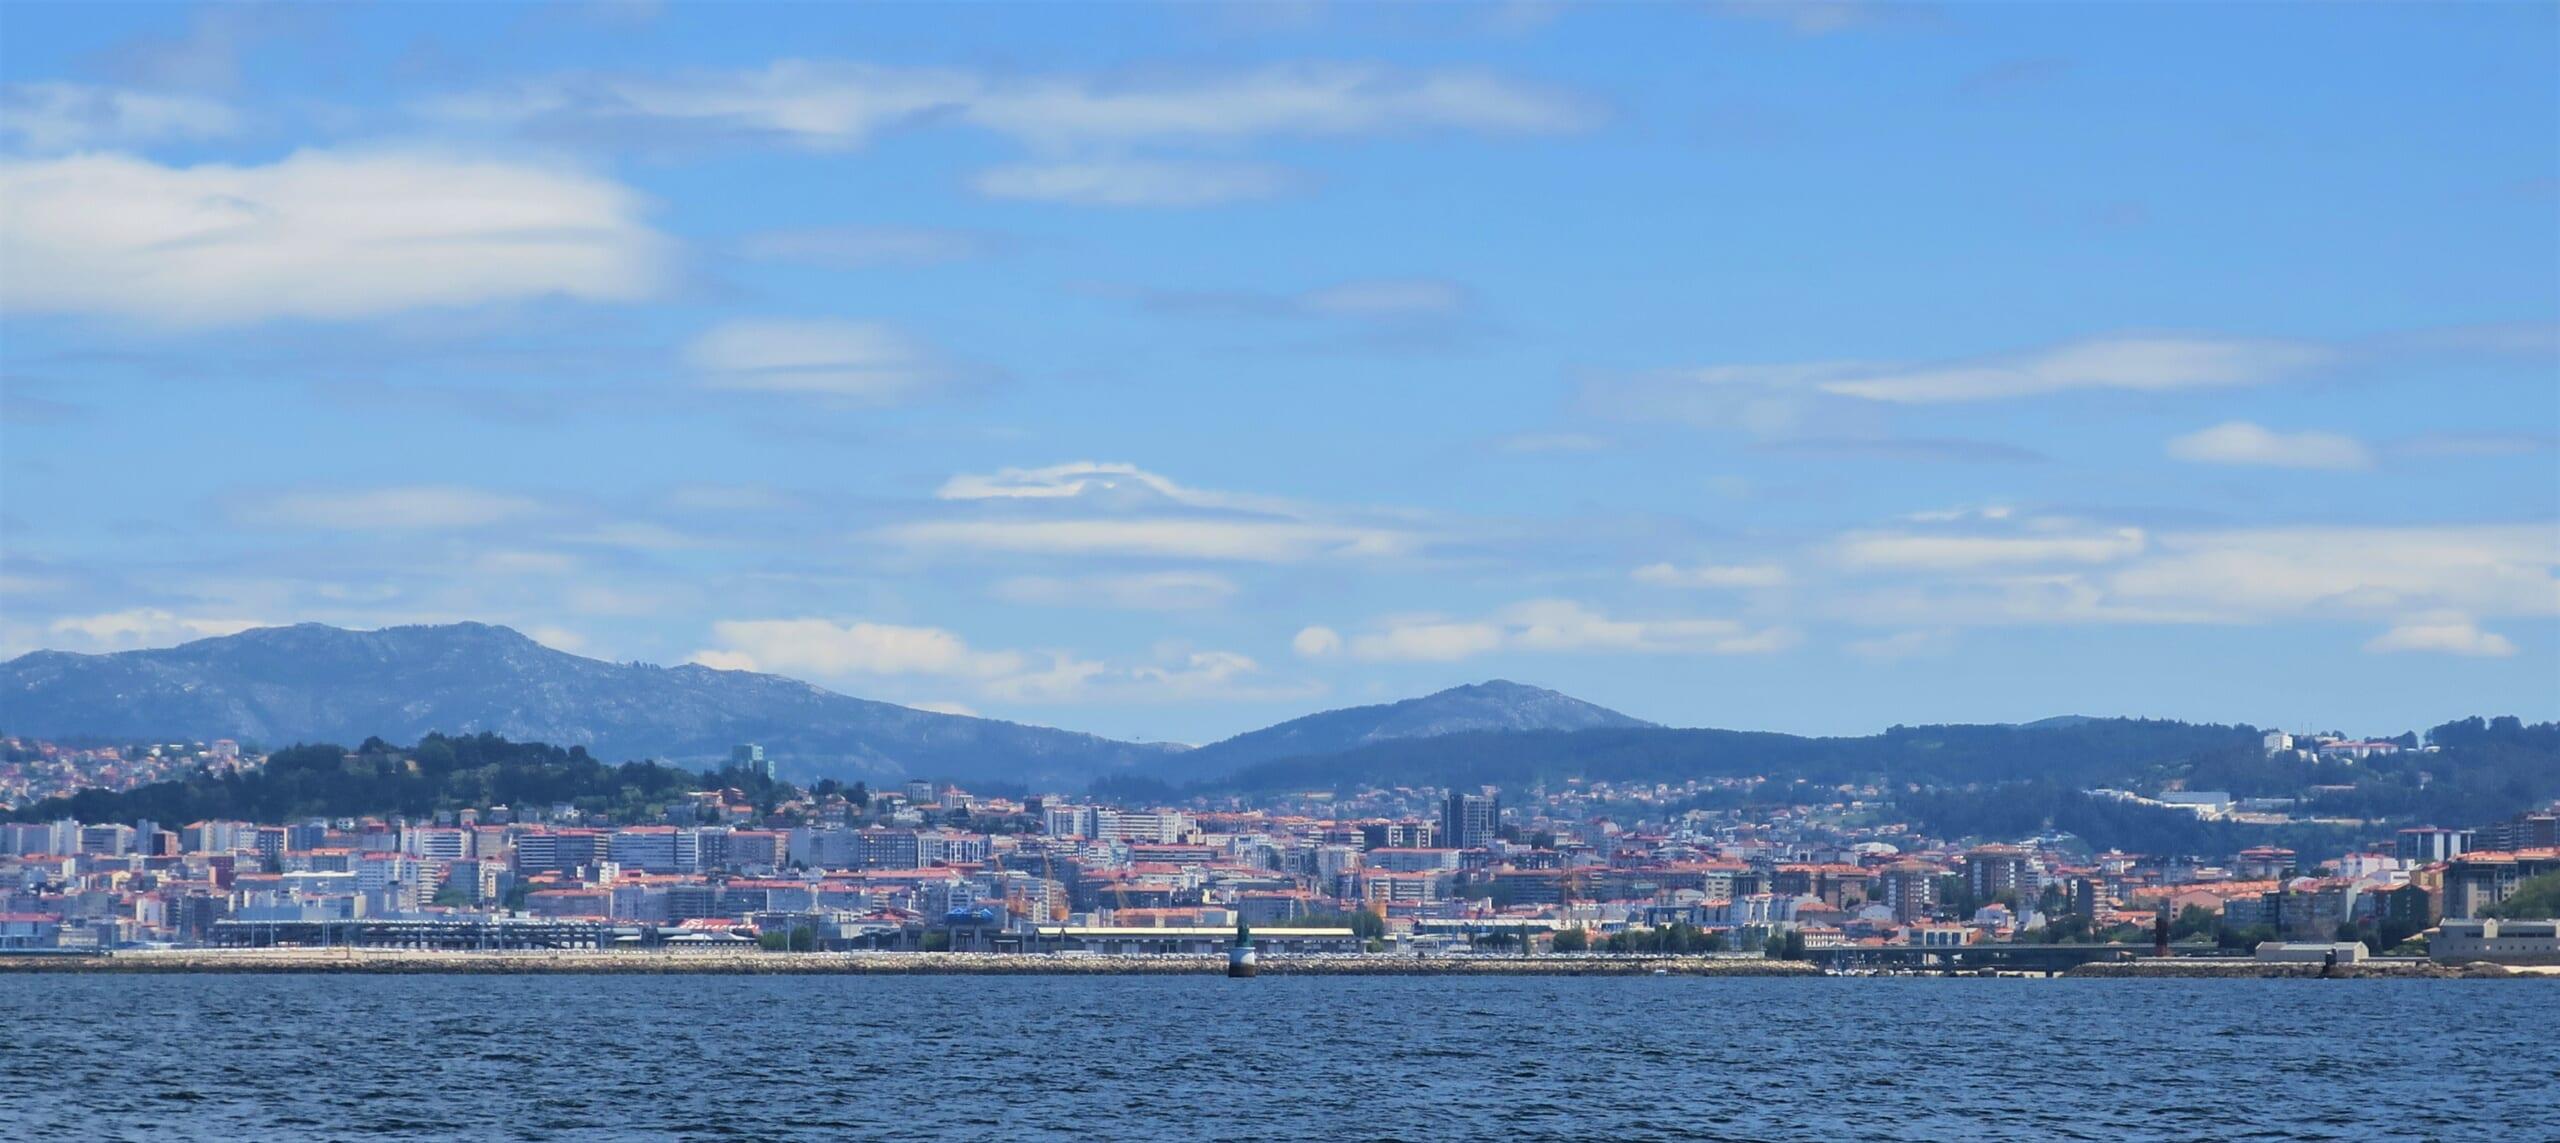 北スペインの観光スポットであるガリシアのビーゴ